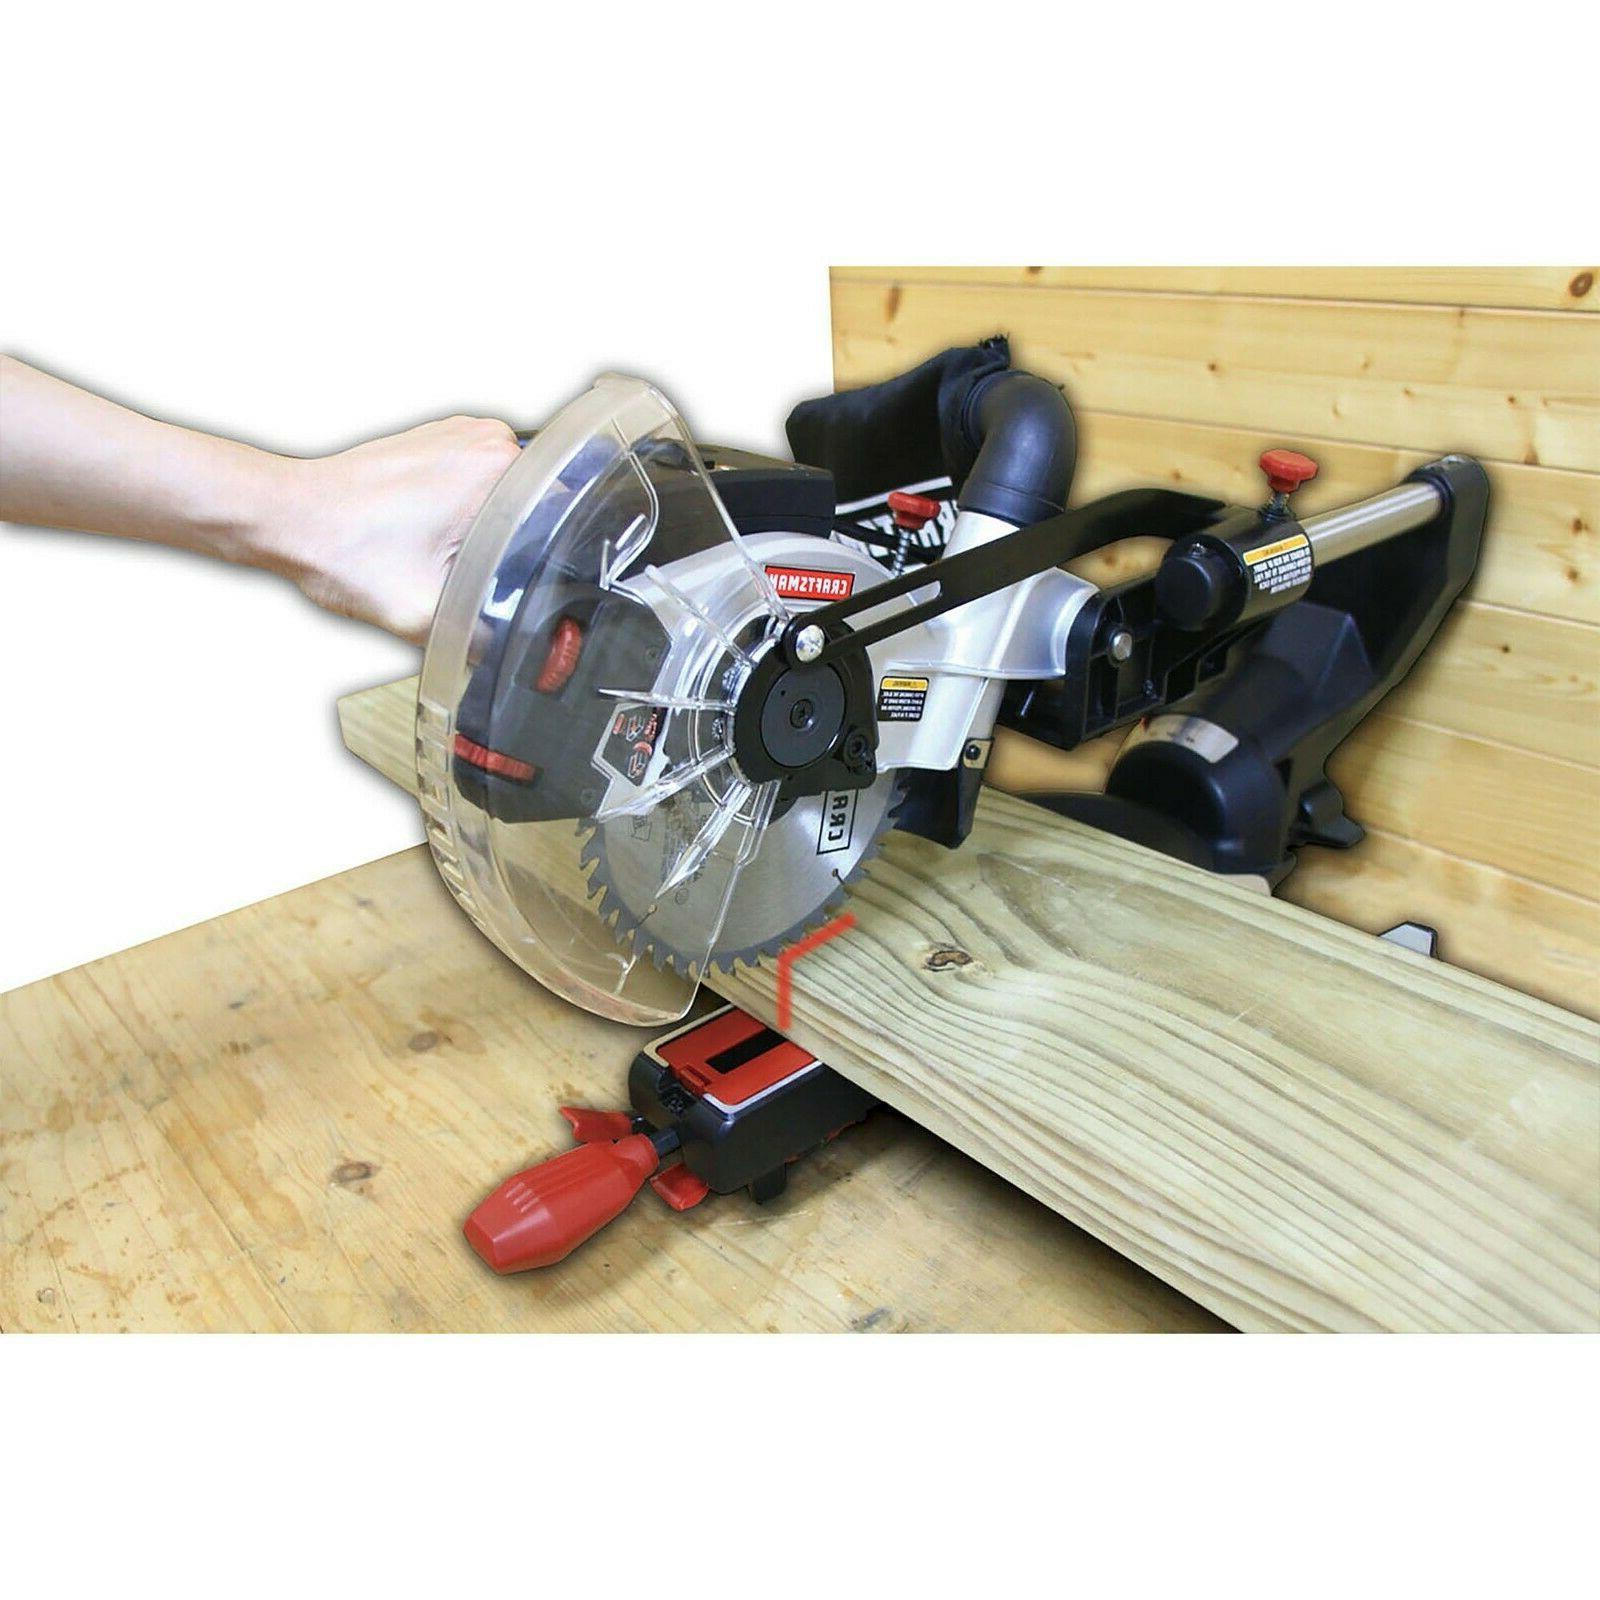 """Craftsman 7-1/4"""" Sliding Compound Miter Saw"""